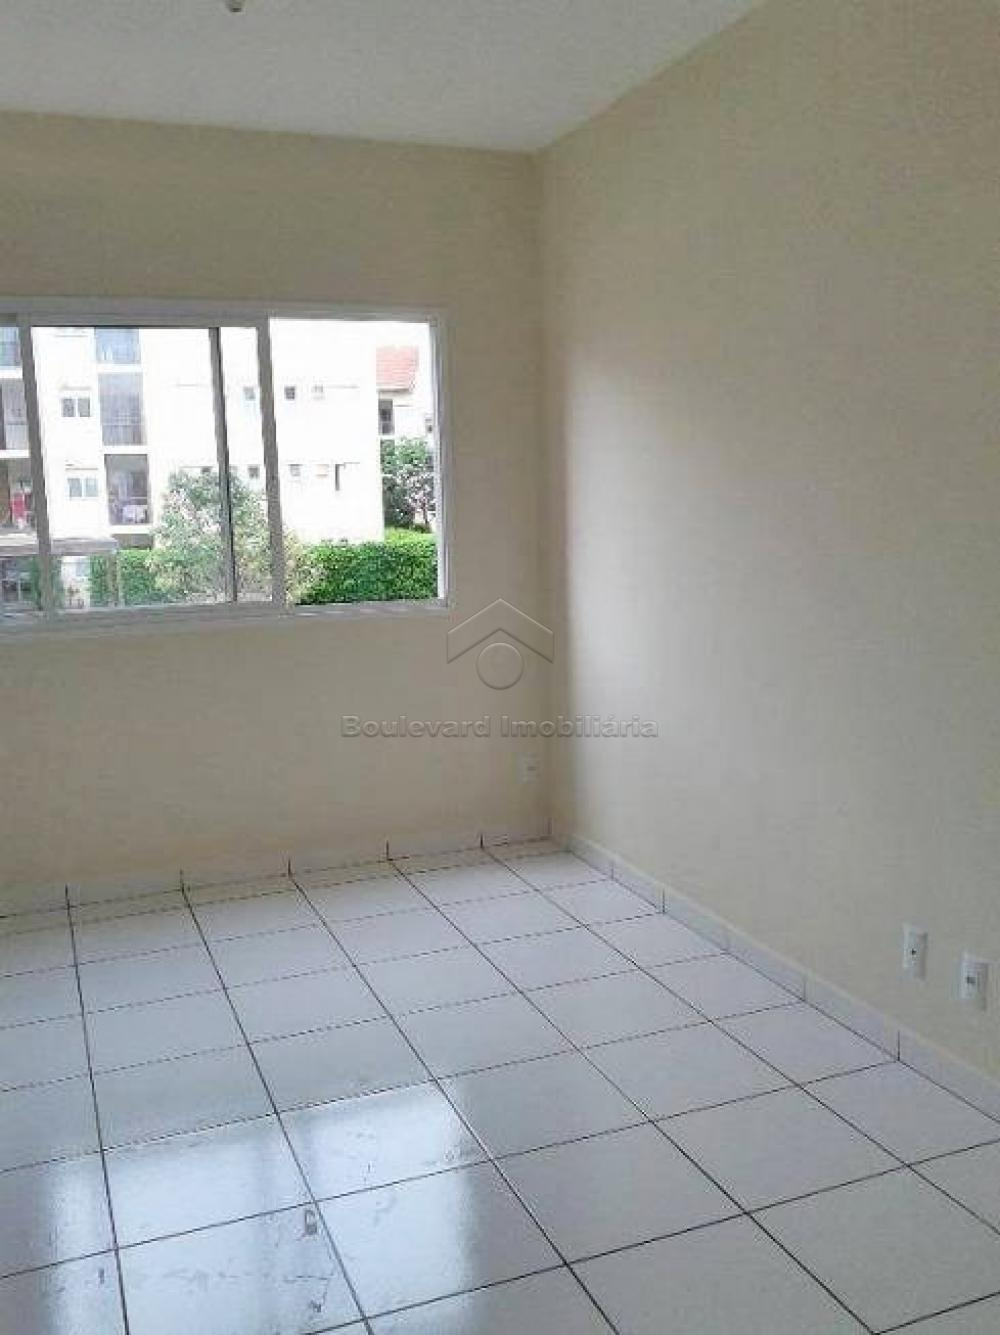 Alugar Apartamento / Padrão em Ribeirão Preto R$ 1.260,00 - Foto 4